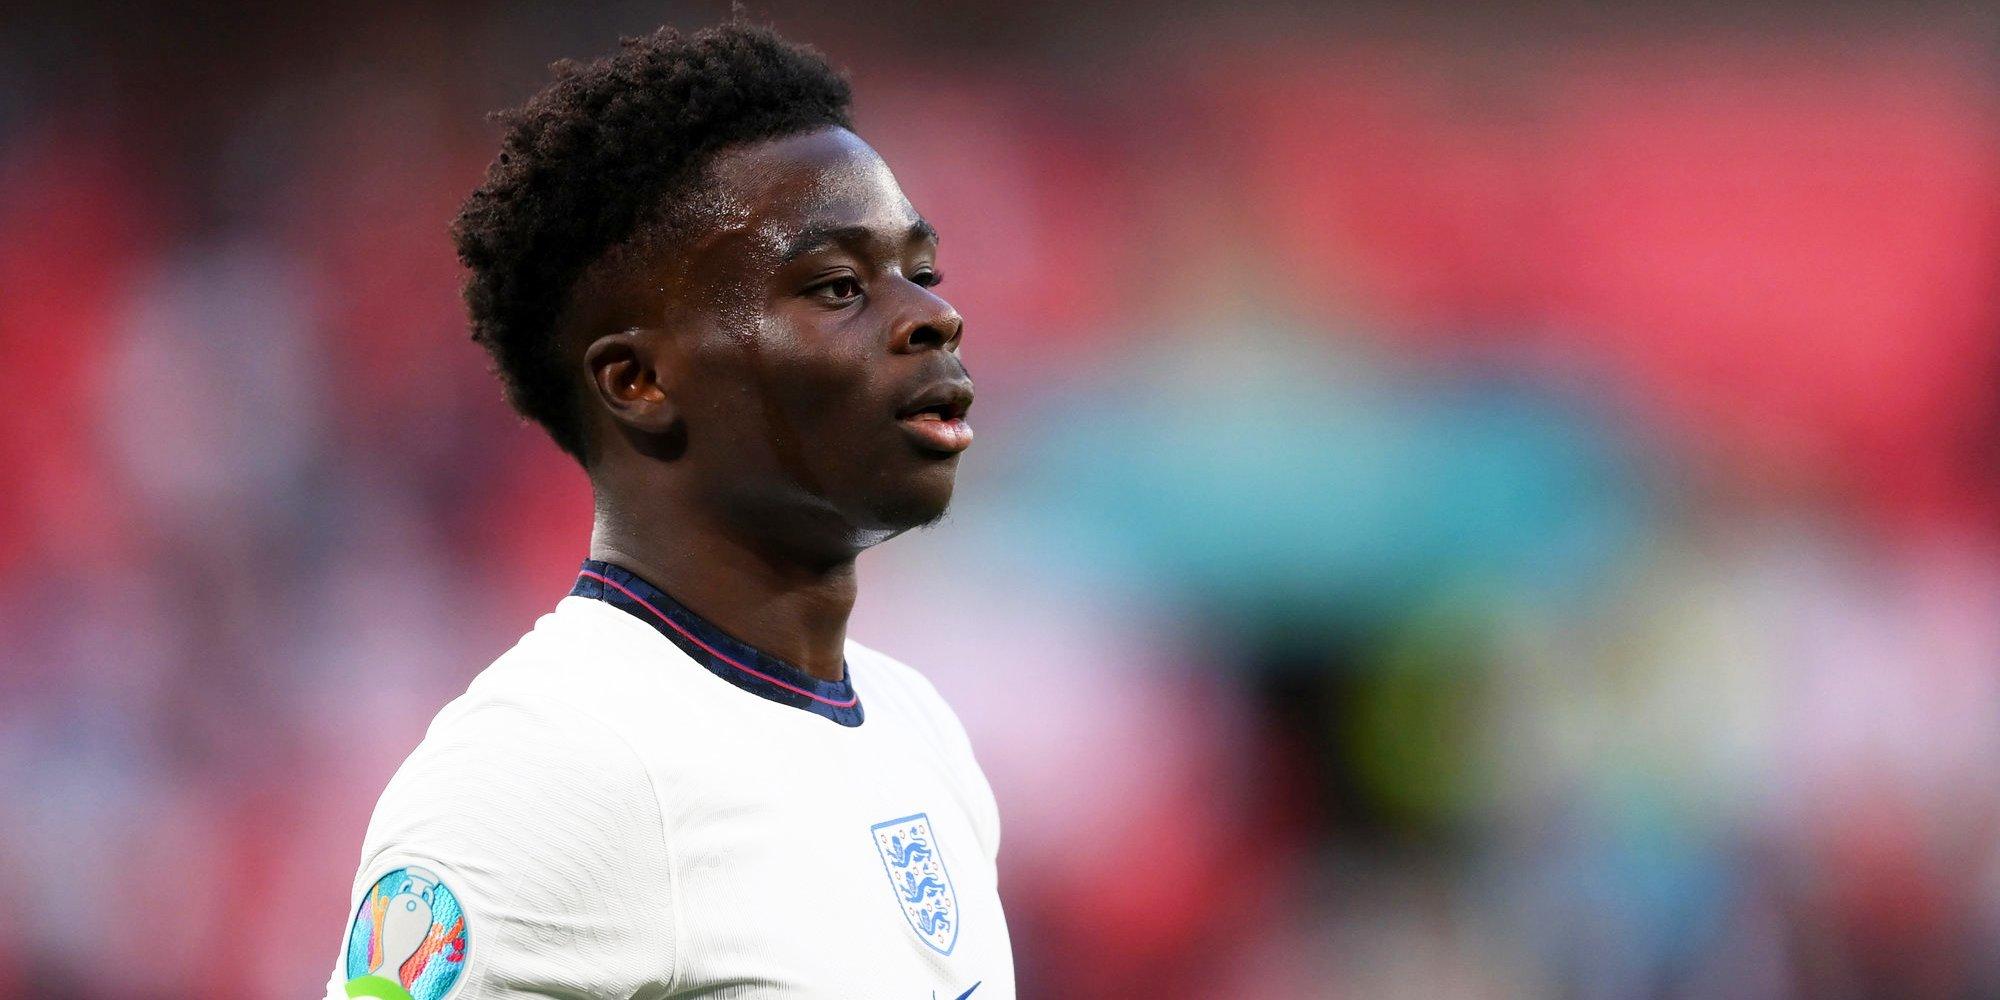 Сака подвергся расистским оскорблениям в соцсетях после незабитого пенальти в финале Евро